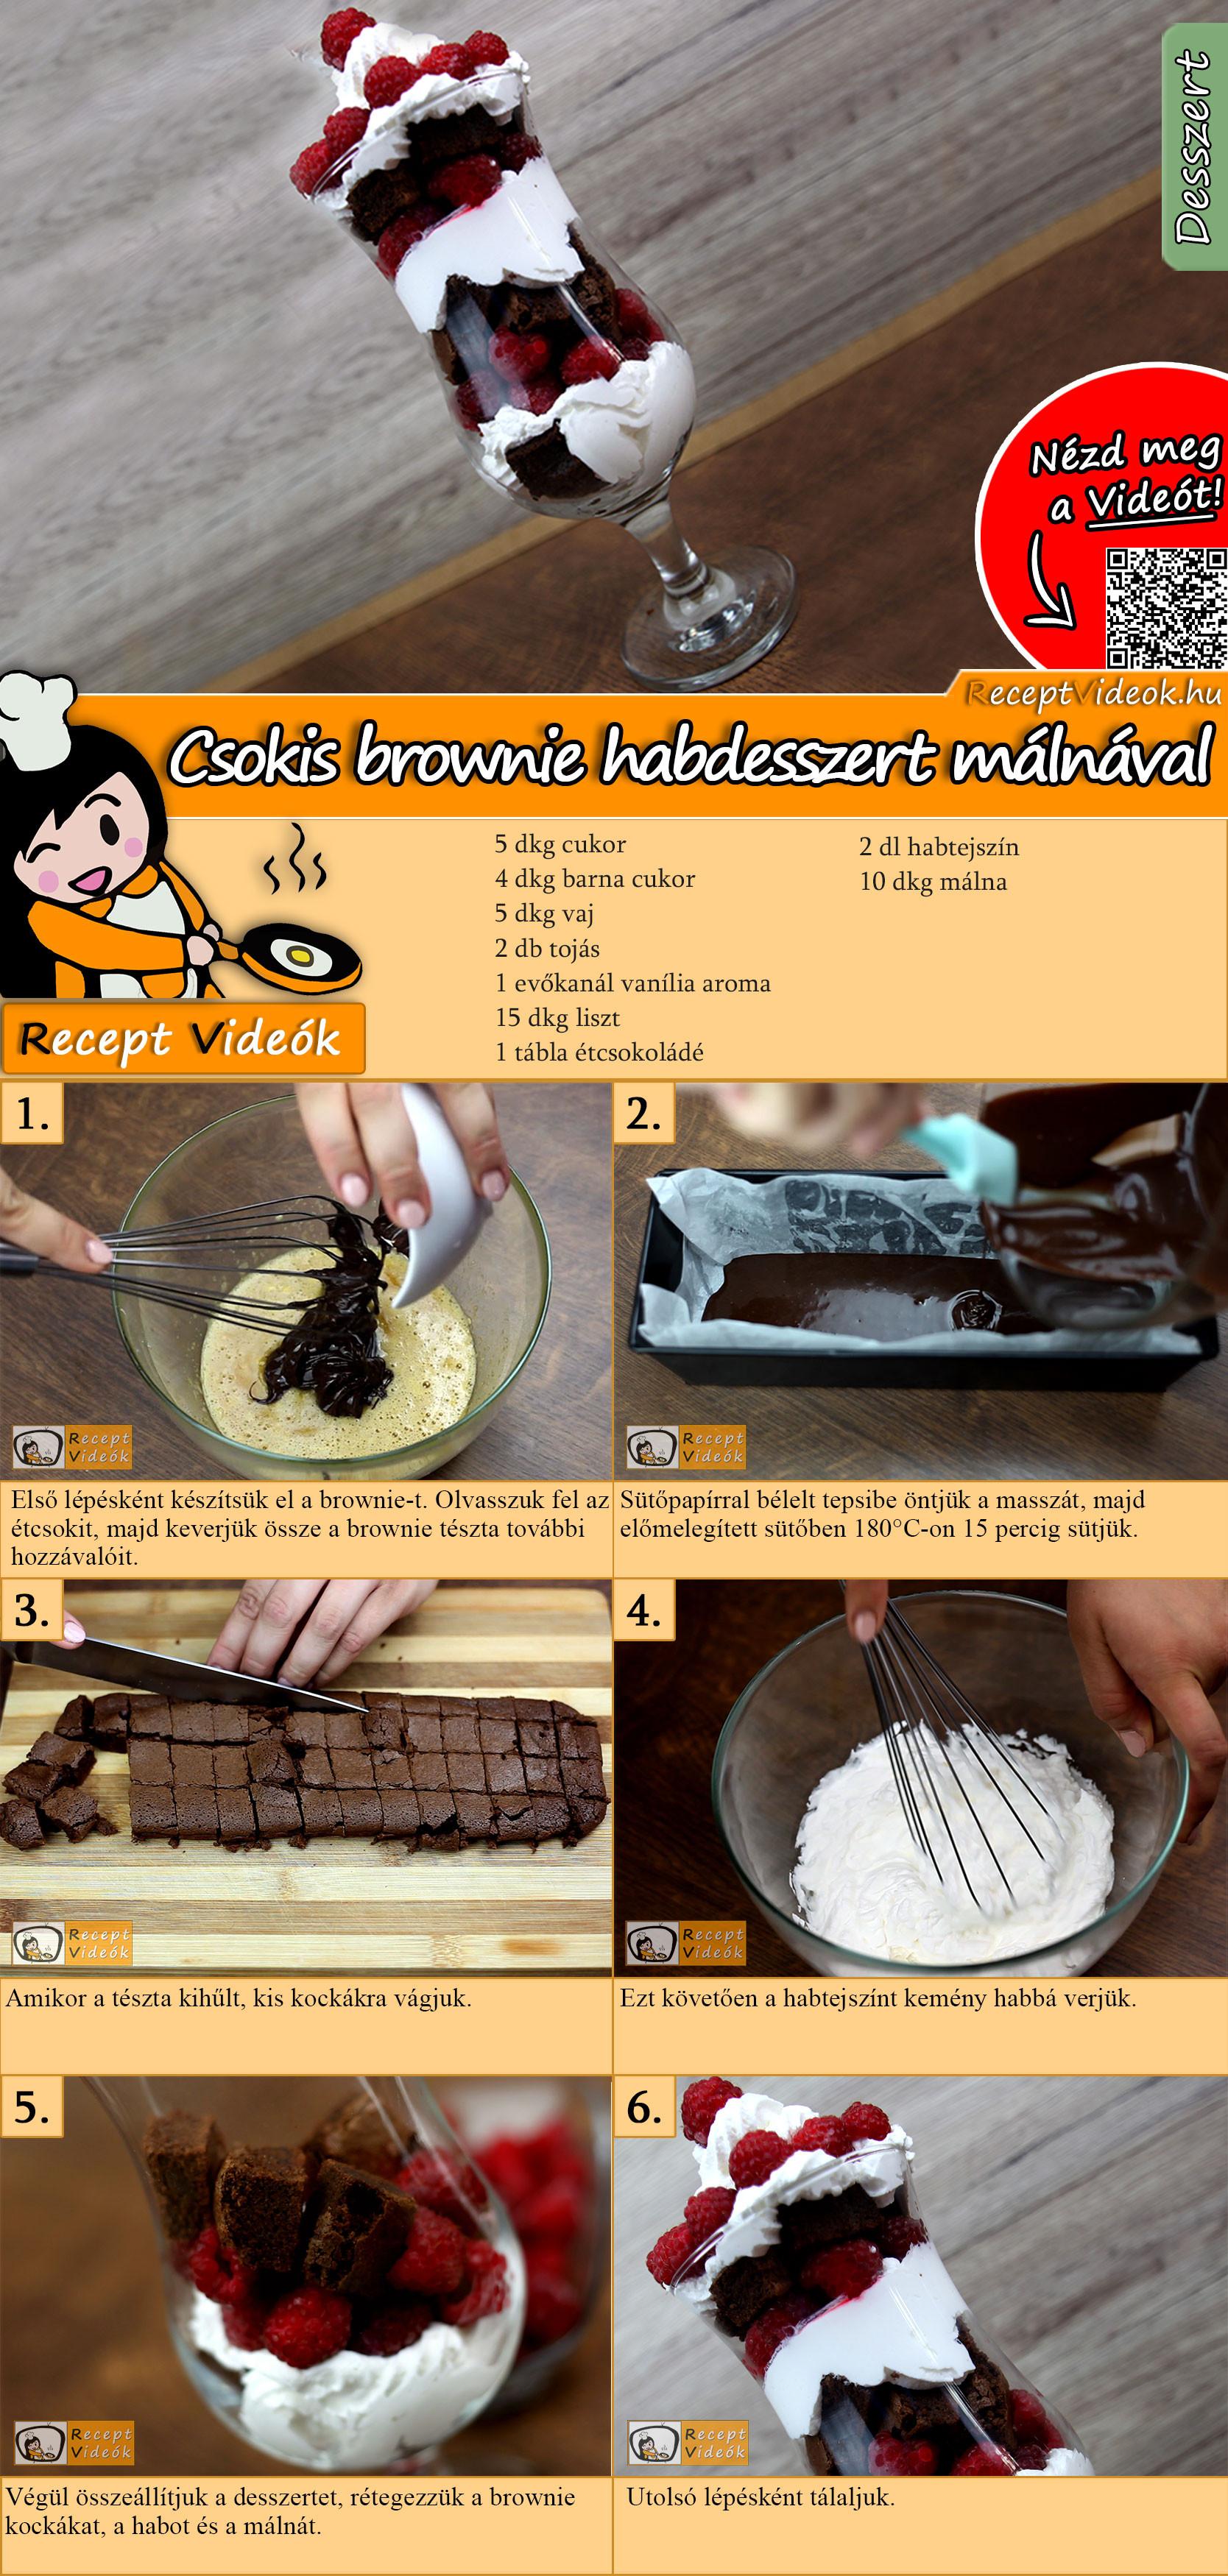 Csokis brownie habdesszert málnával recept elkészítése videóval